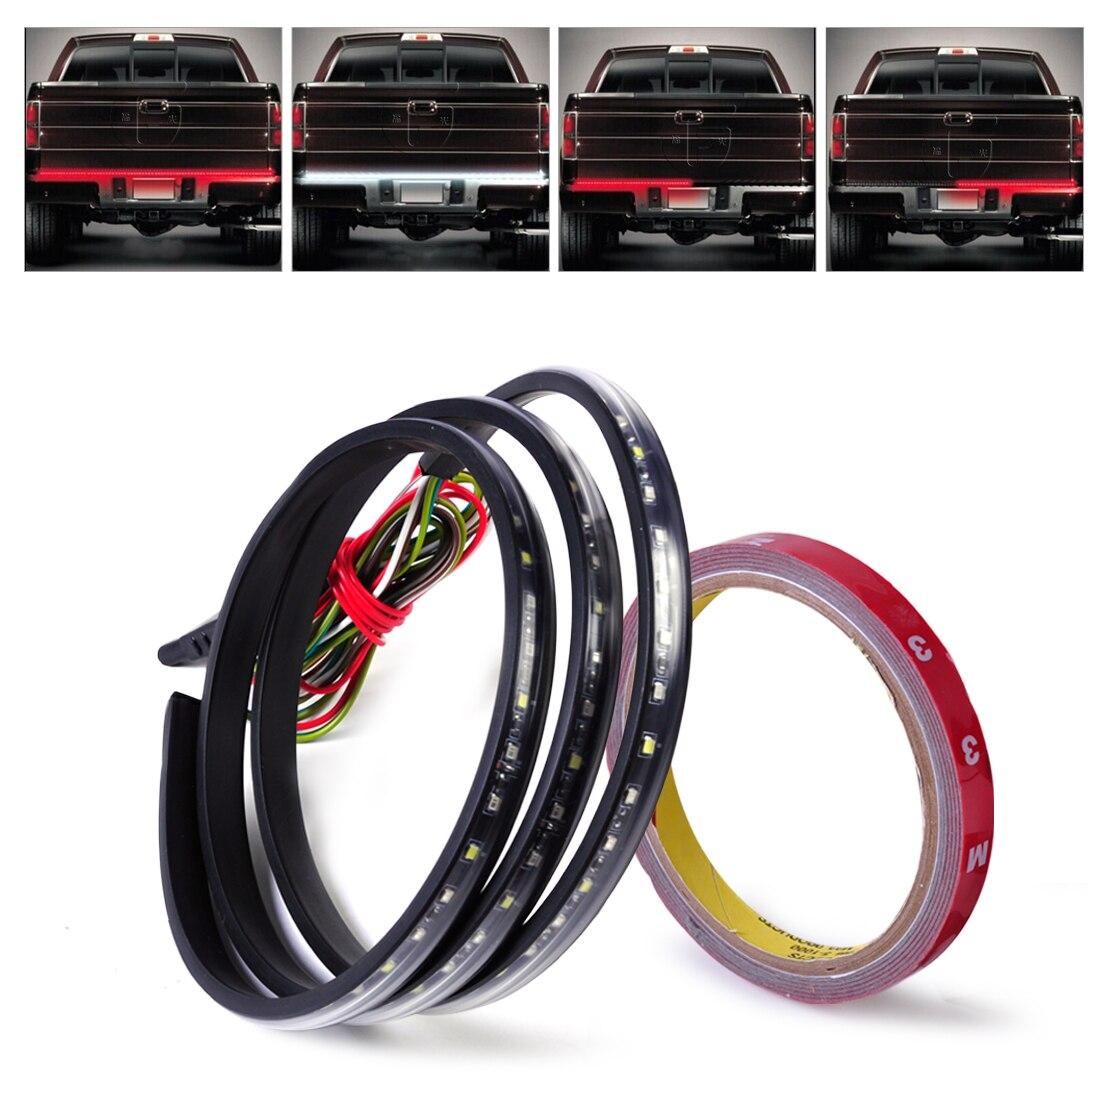 DWCX 60 дюймов 4-Функция 12 В красный, белый багажника 108 Светодиодные ленты свет бар обратный тормоз указатель поворота для honda грузовик внедоро...